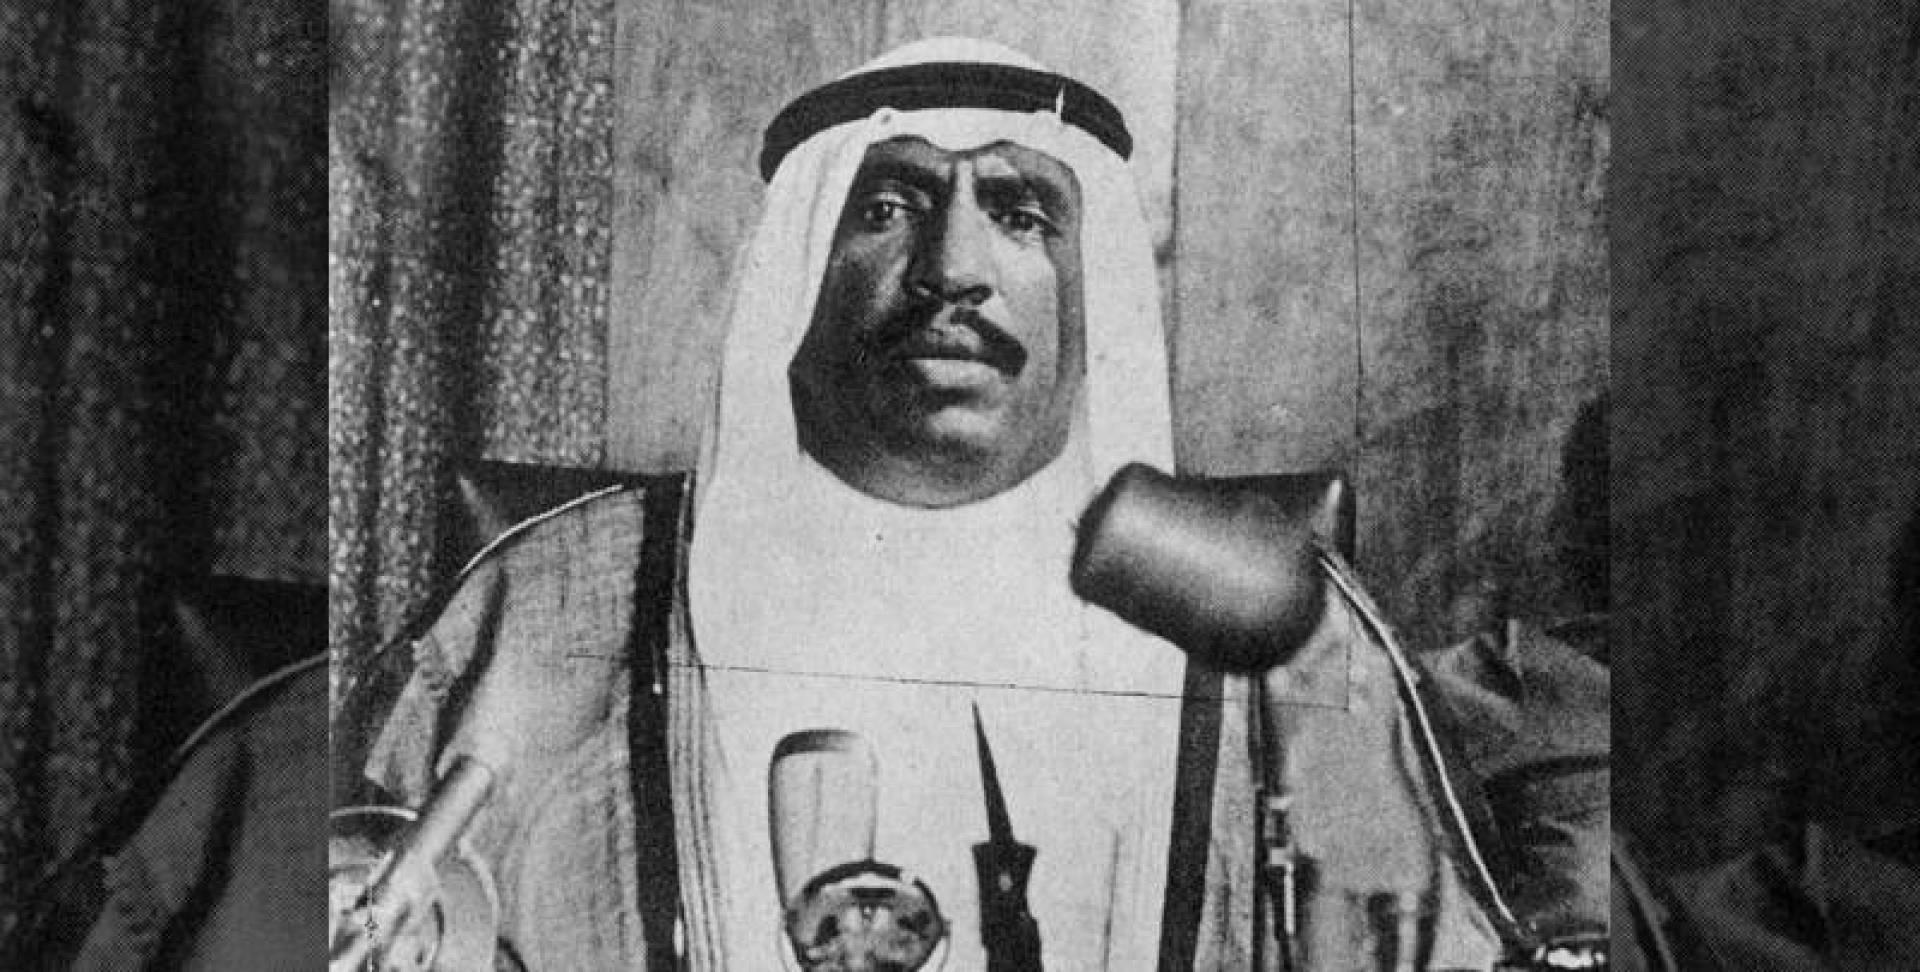 1973/9/10| الشيخ سعد يروي المغامرة: المسلحون هددوا بتفجير الطائرة فوق الكويت